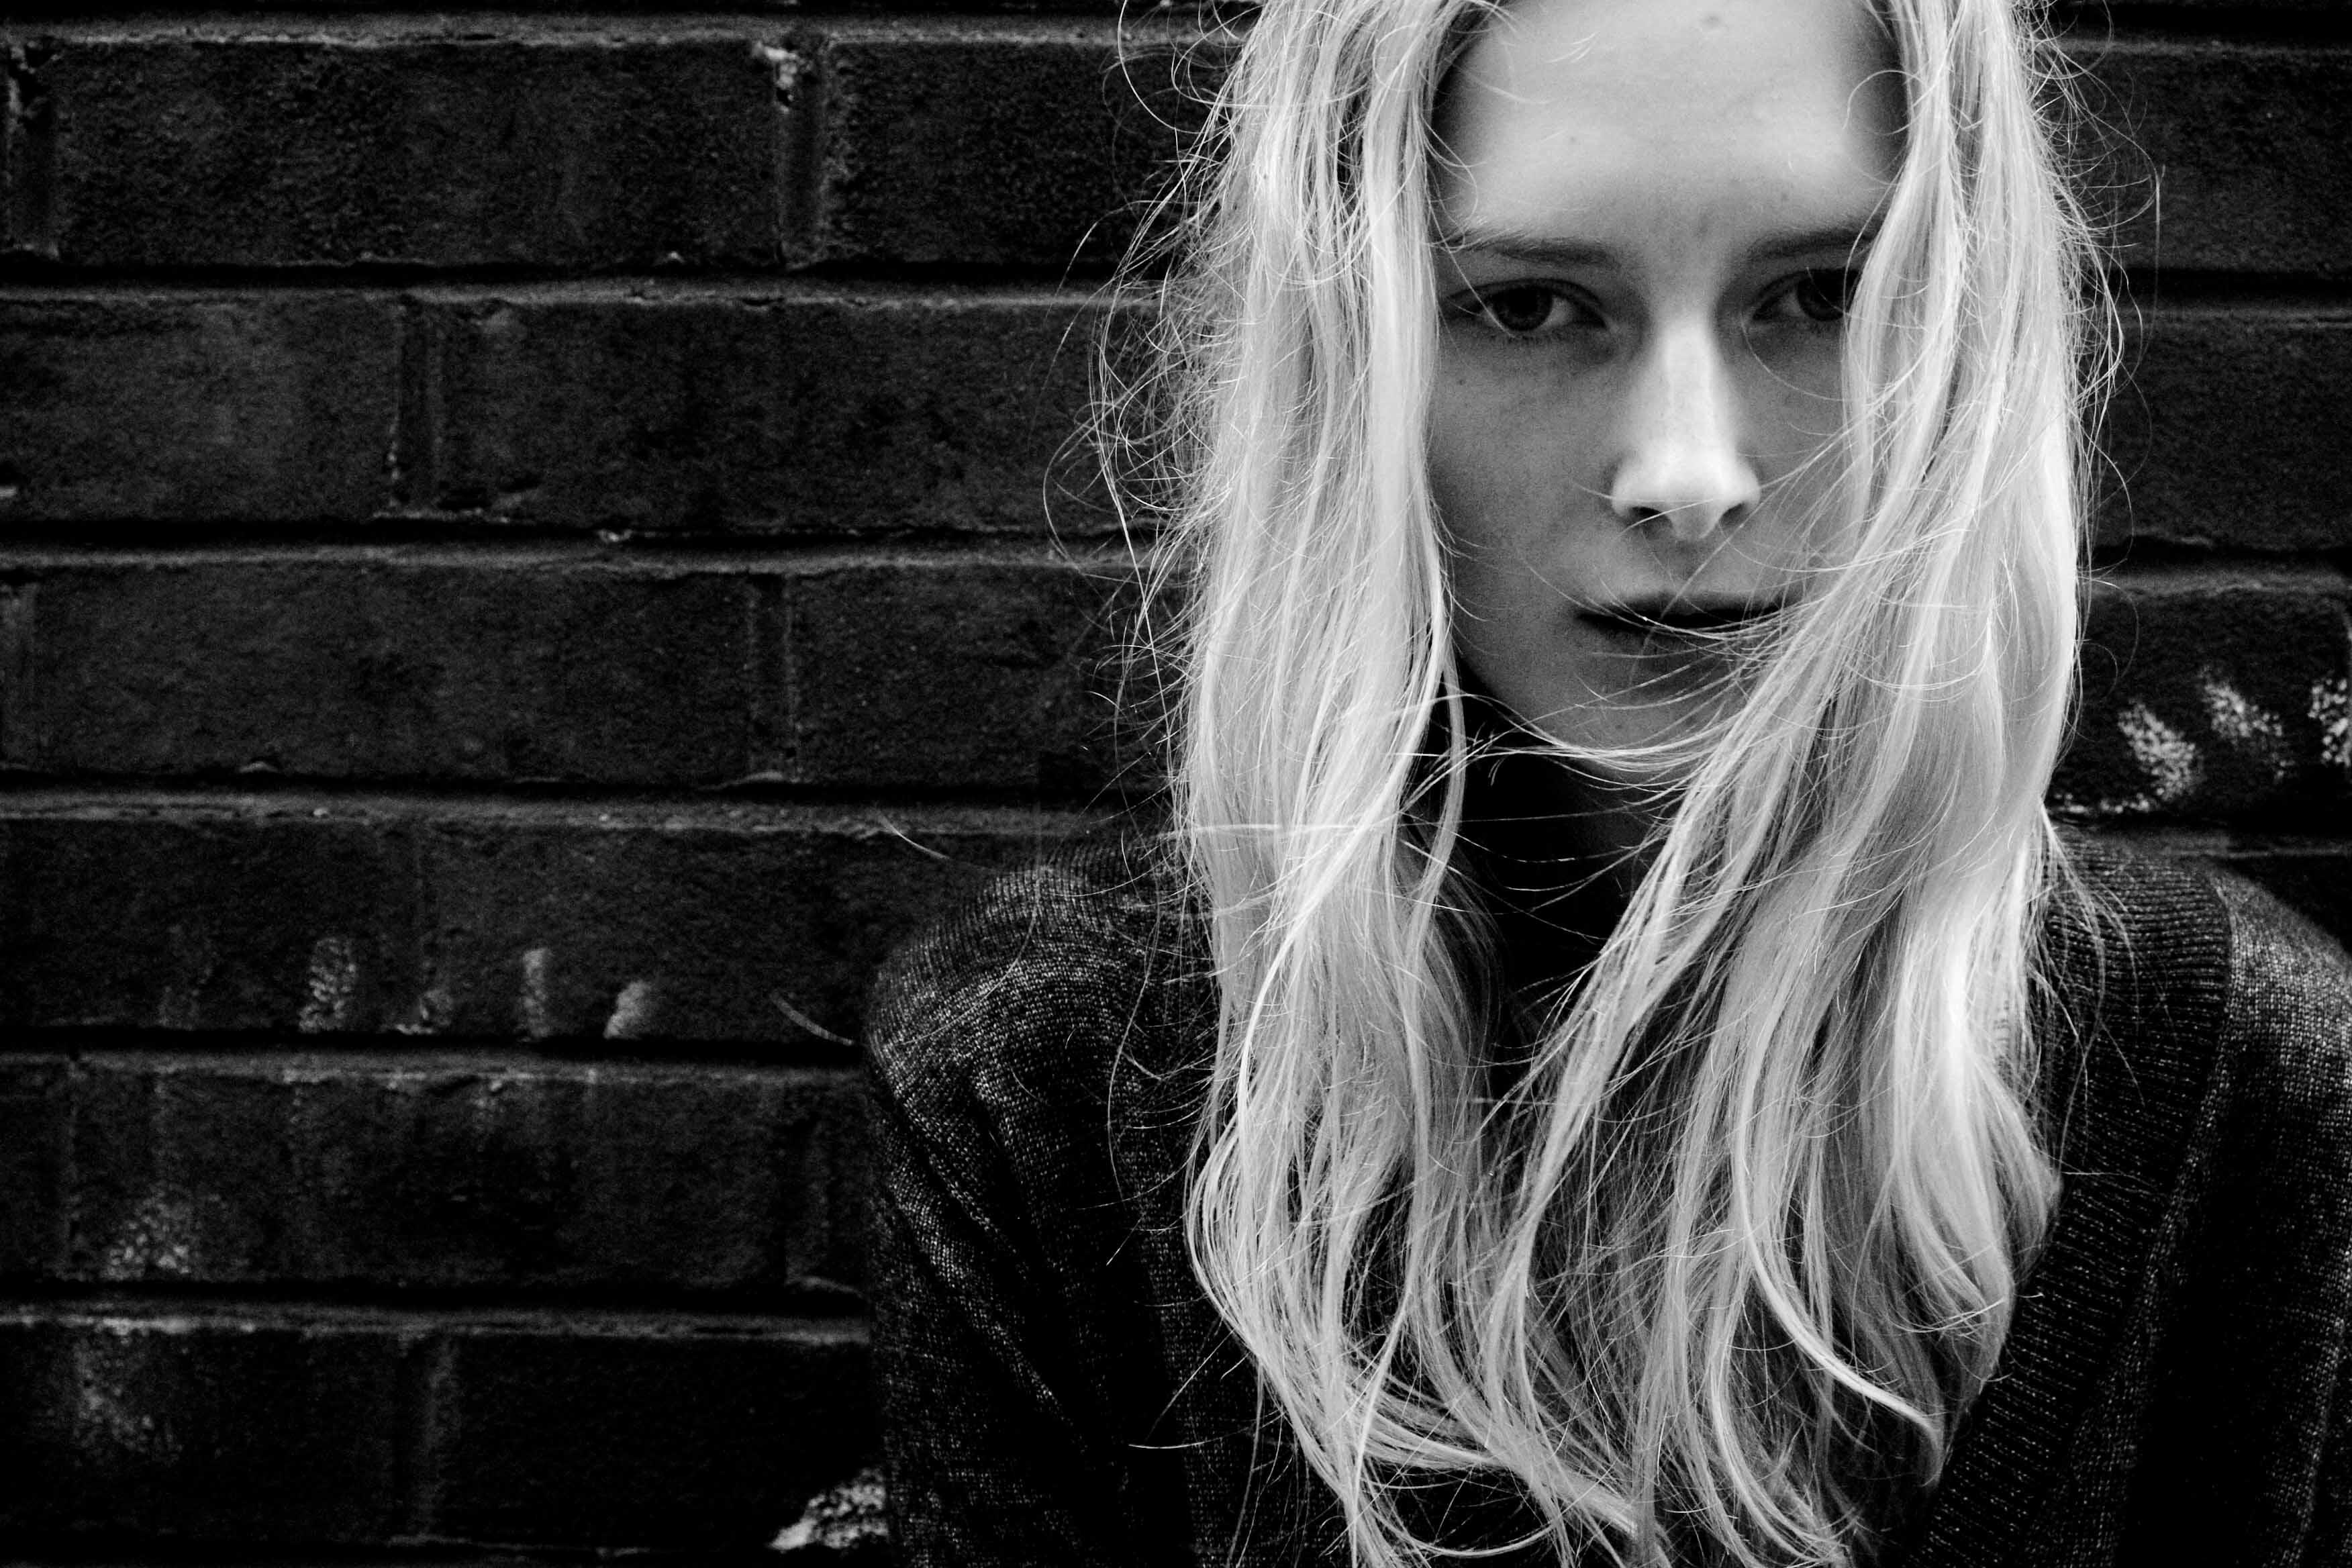 ALENA IN BLACK AND WHITE